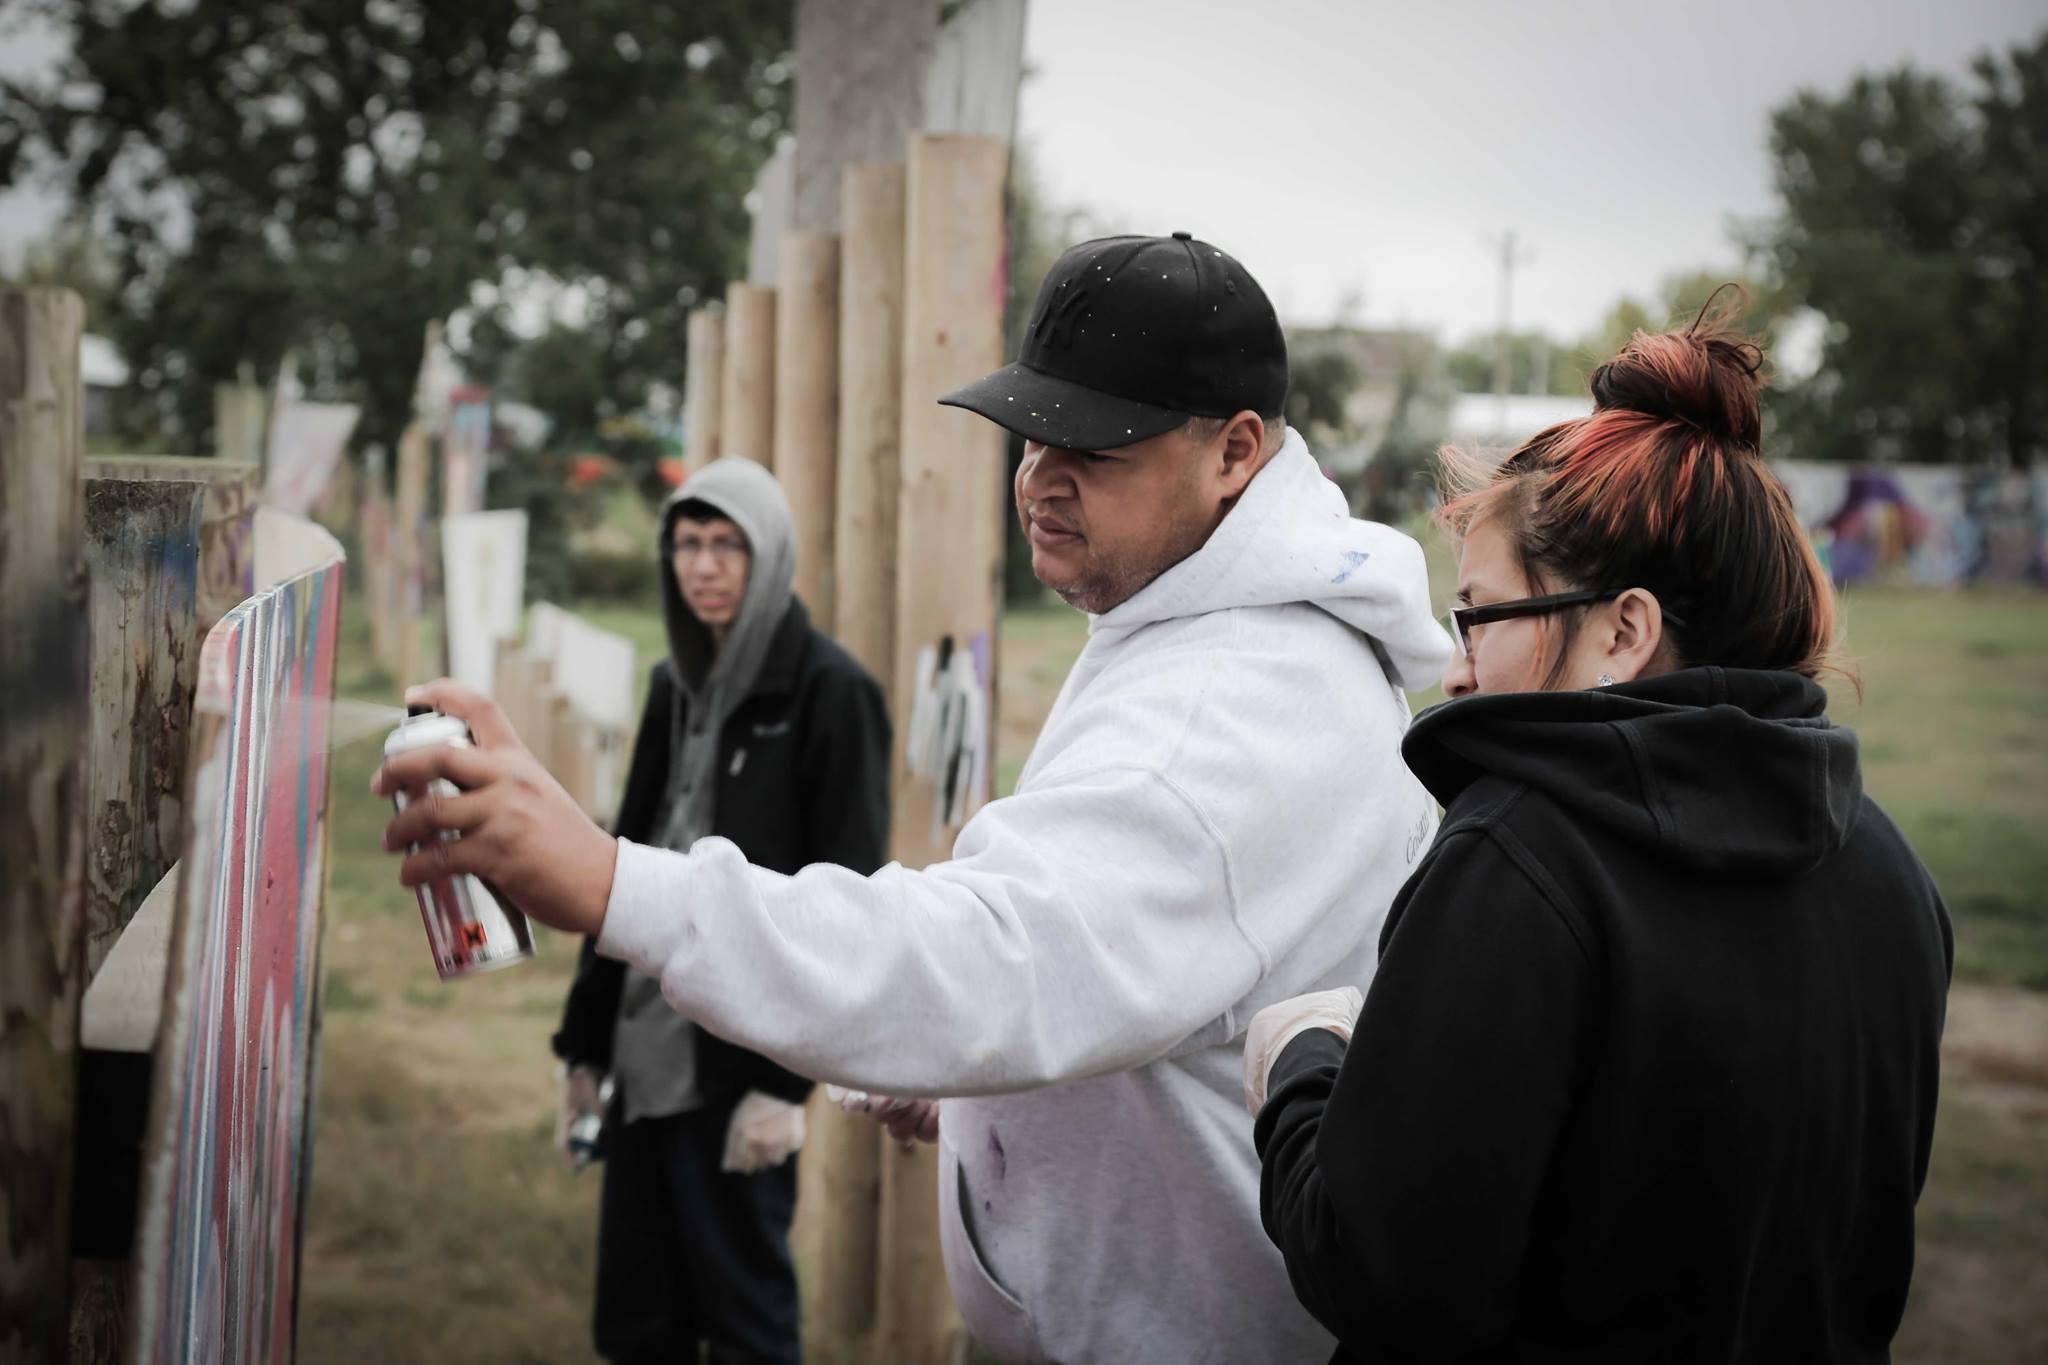 Cheyenne River Youth Project Expands Programming at its Waniyetu Wowapi Lakota Youth Arts & Culture Institute